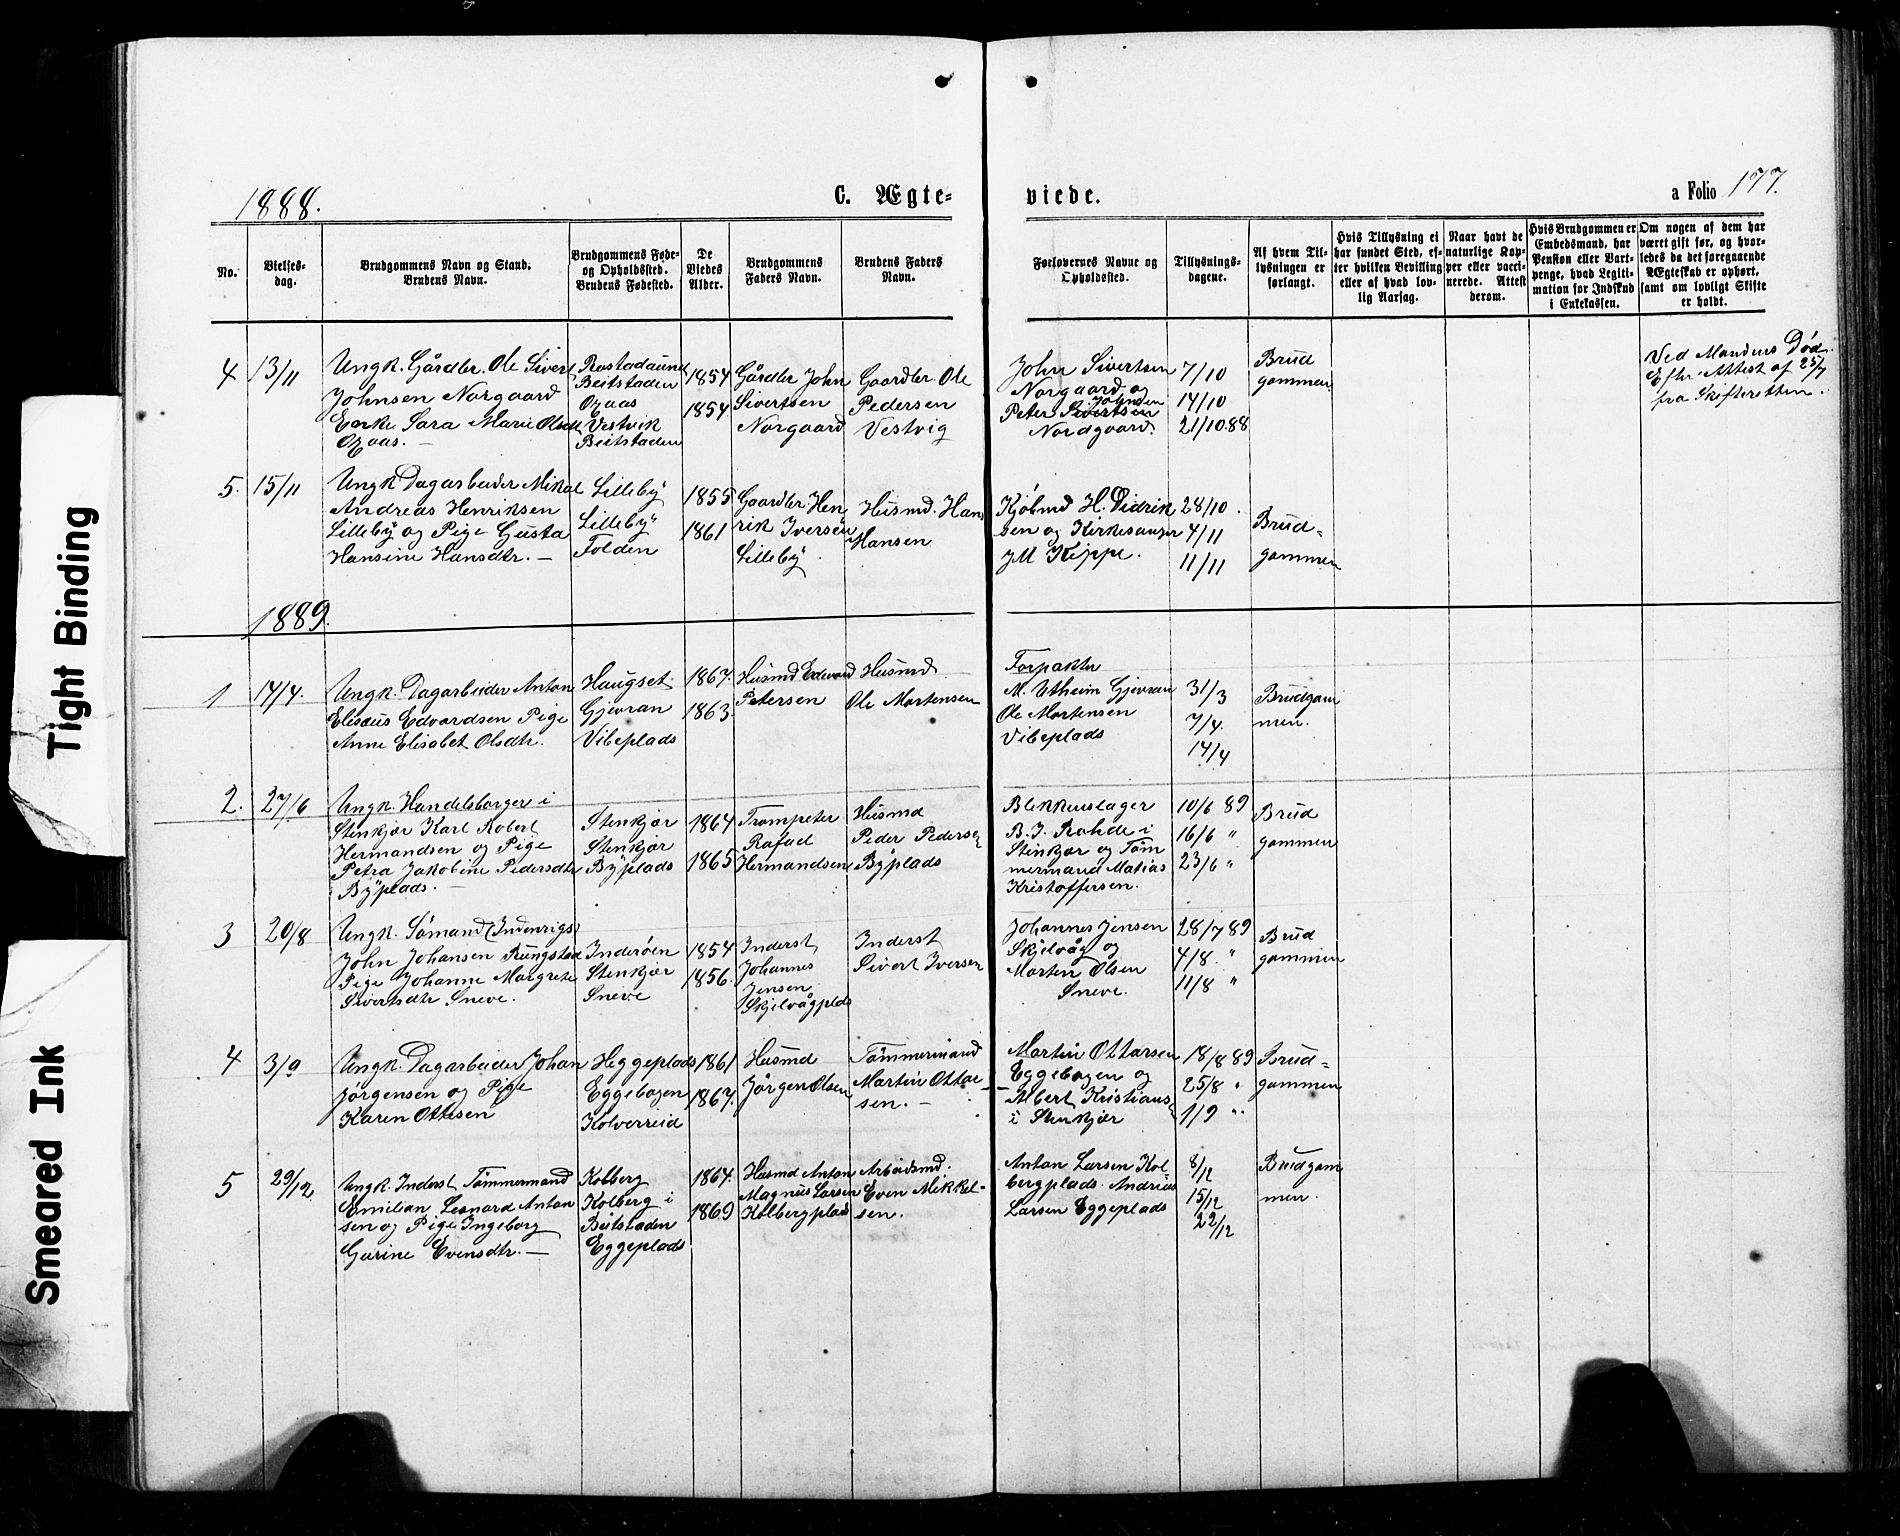 SAT, Ministerialprotokoller, klokkerbøker og fødselsregistre - Nord-Trøndelag, 740/L0380: Klokkerbok nr. 740C01, 1868-1902, s. 177